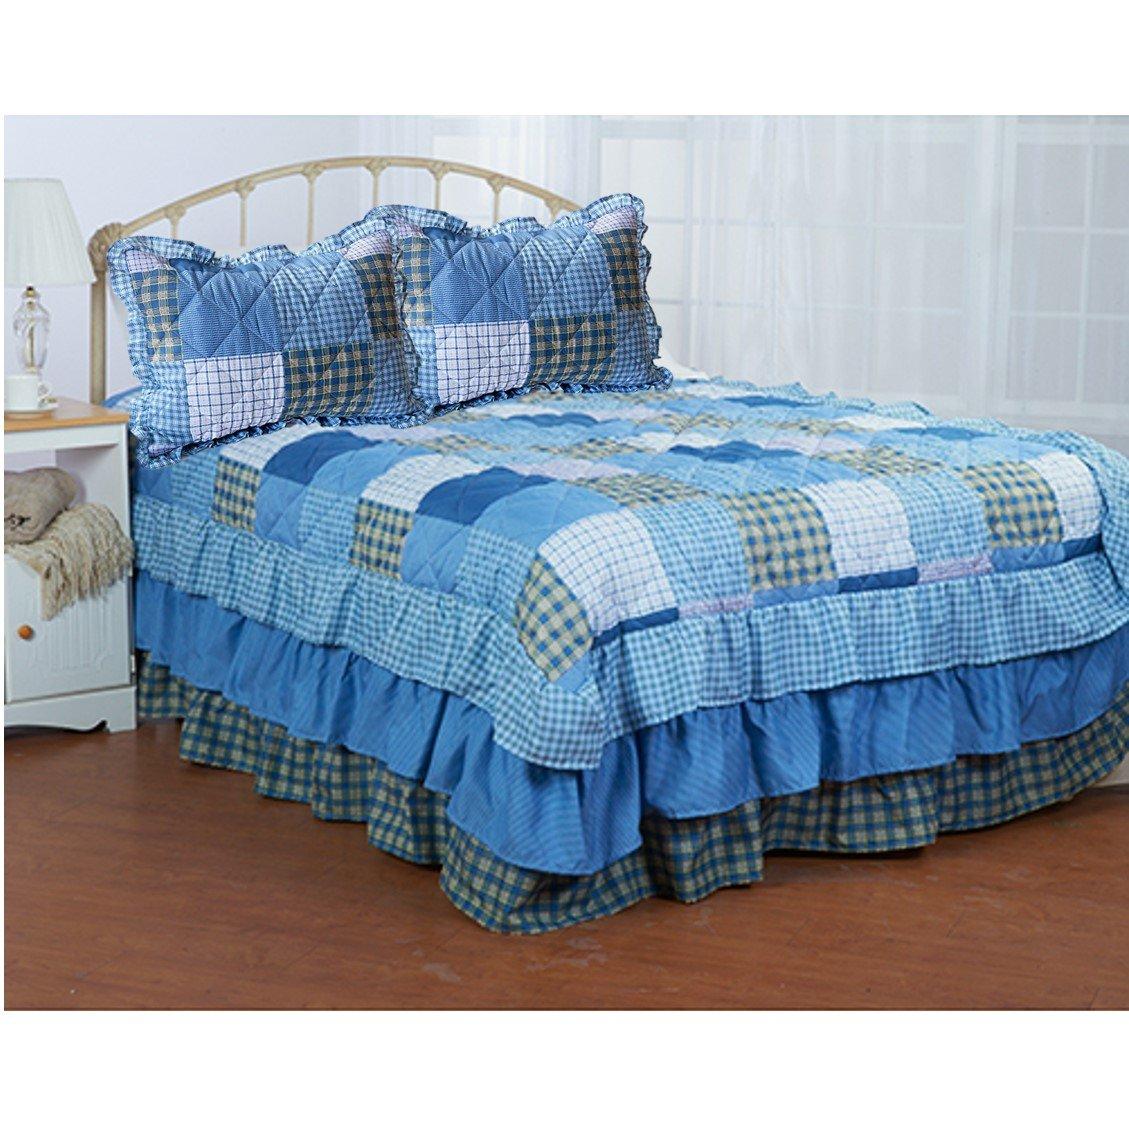 2ピースGramercy Park Mulberry正方形パッチワークベッドスプレッドセット、ブルー、ツイン色相 B06XZF6SJS